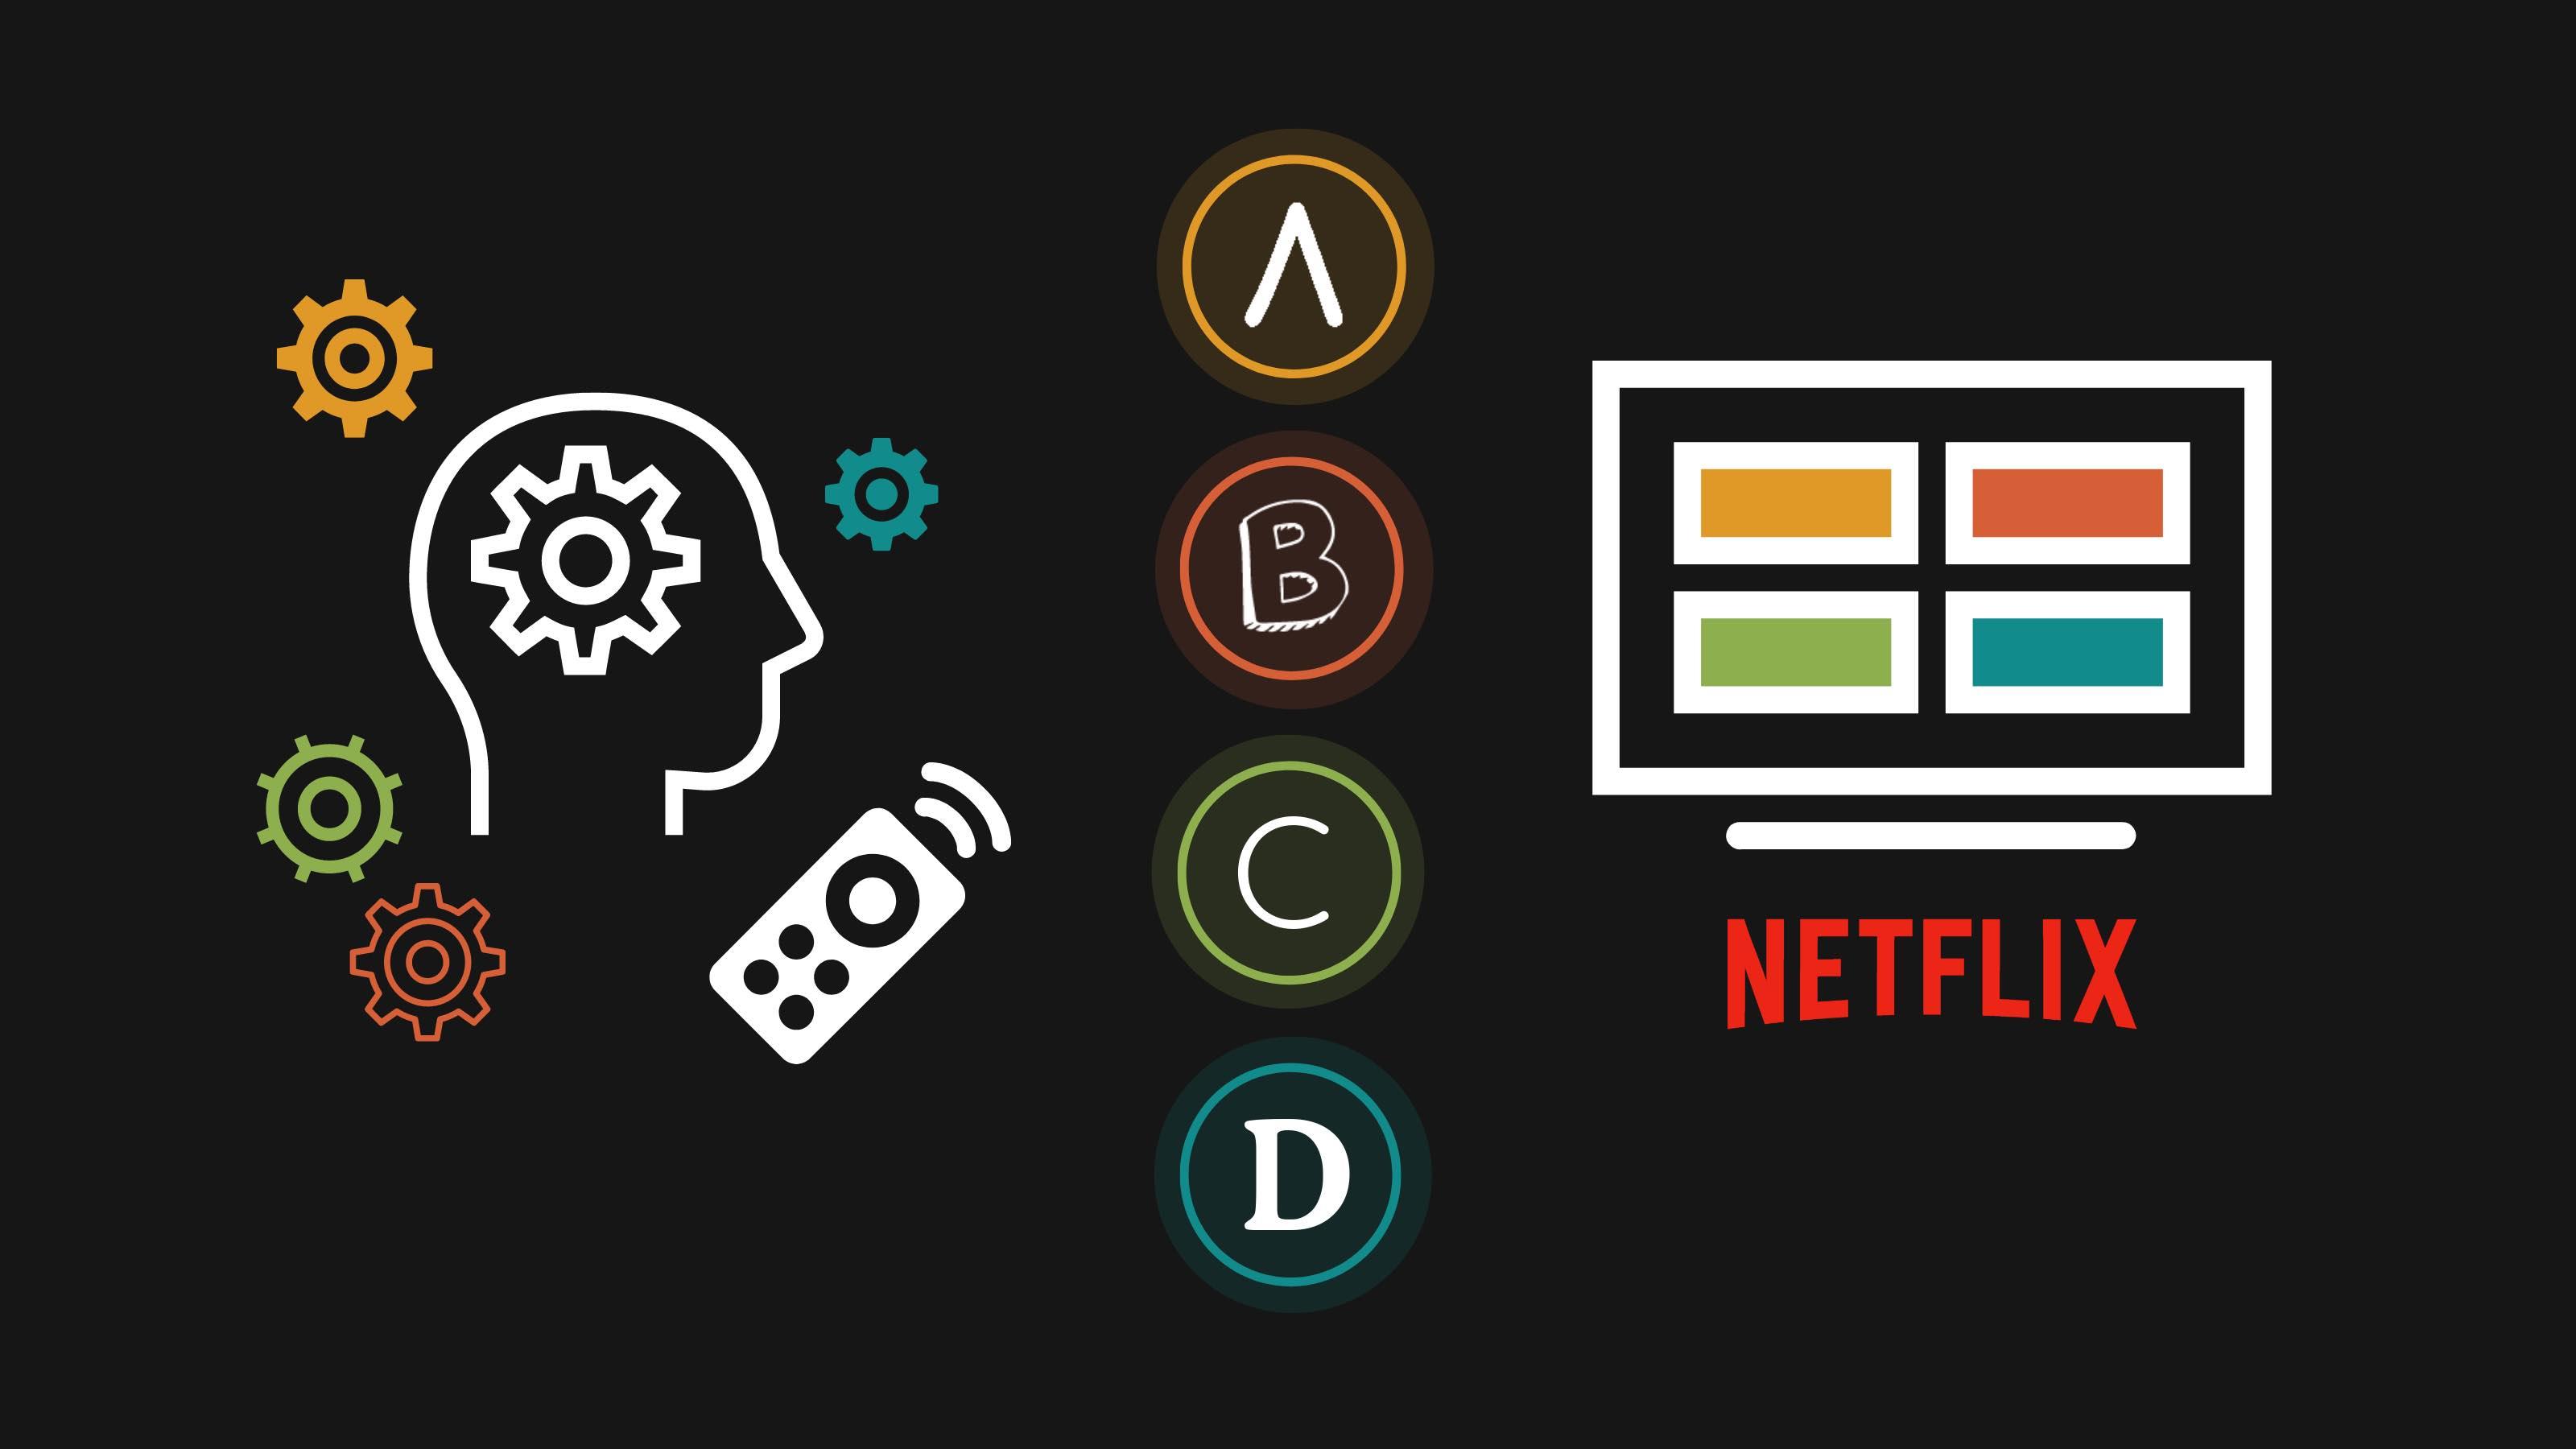 Netflix Font Psychology